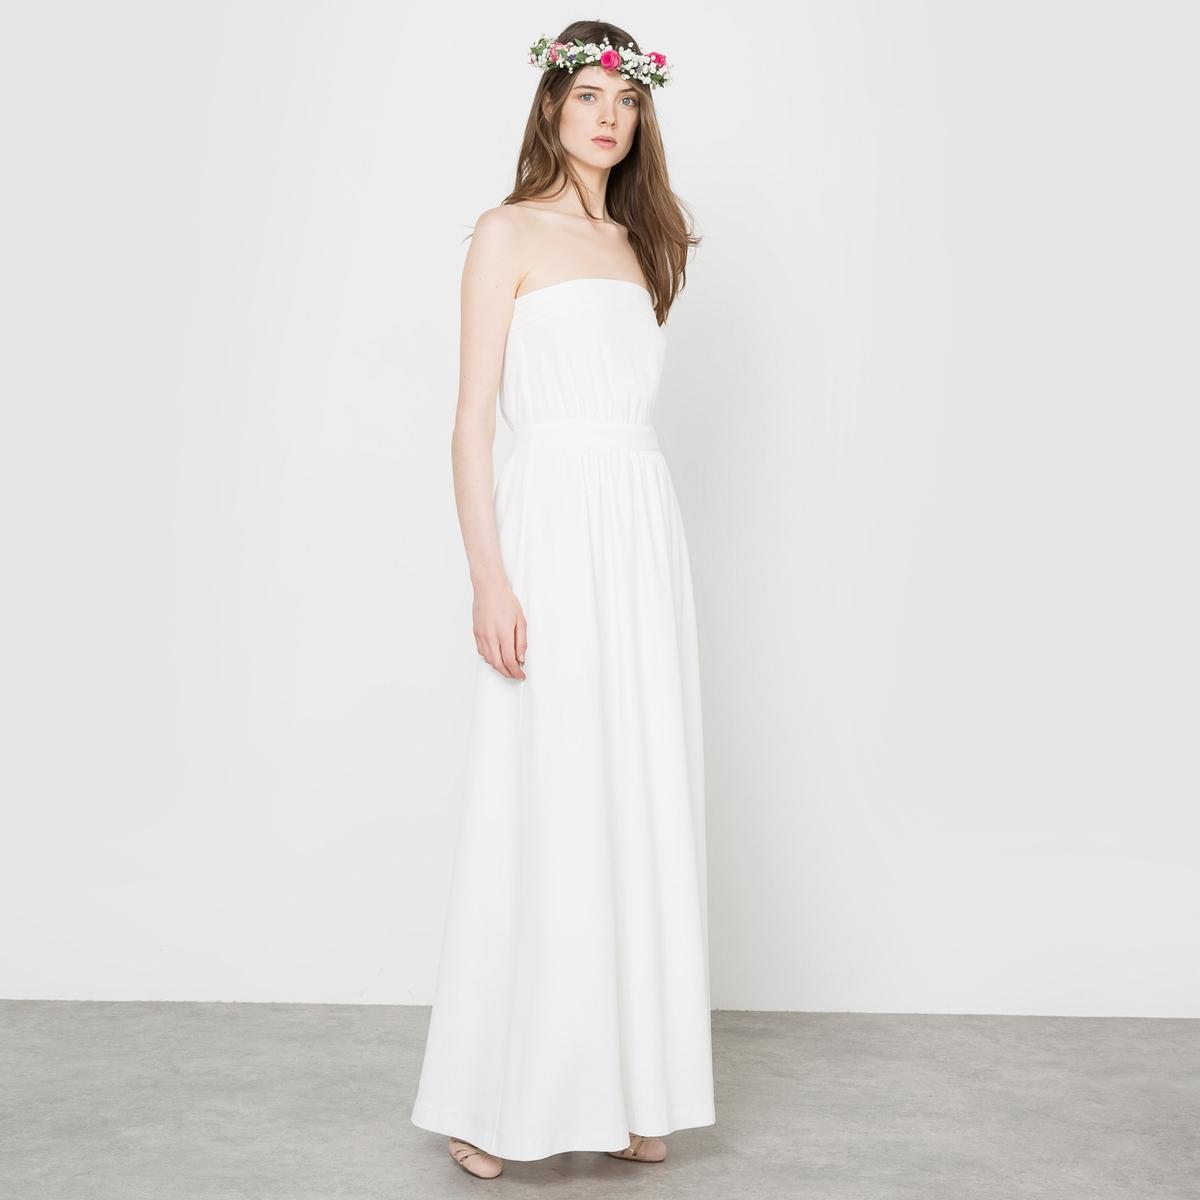 Платье свадебное длинное, форма бюстьеСостав и описание :Материал : 100% полиэстерДлина : 141 см<br><br>Цвет: слоновая кость<br>Размер: 38 (FR) - 44 (RUS).36 (FR) - 42 (RUS)